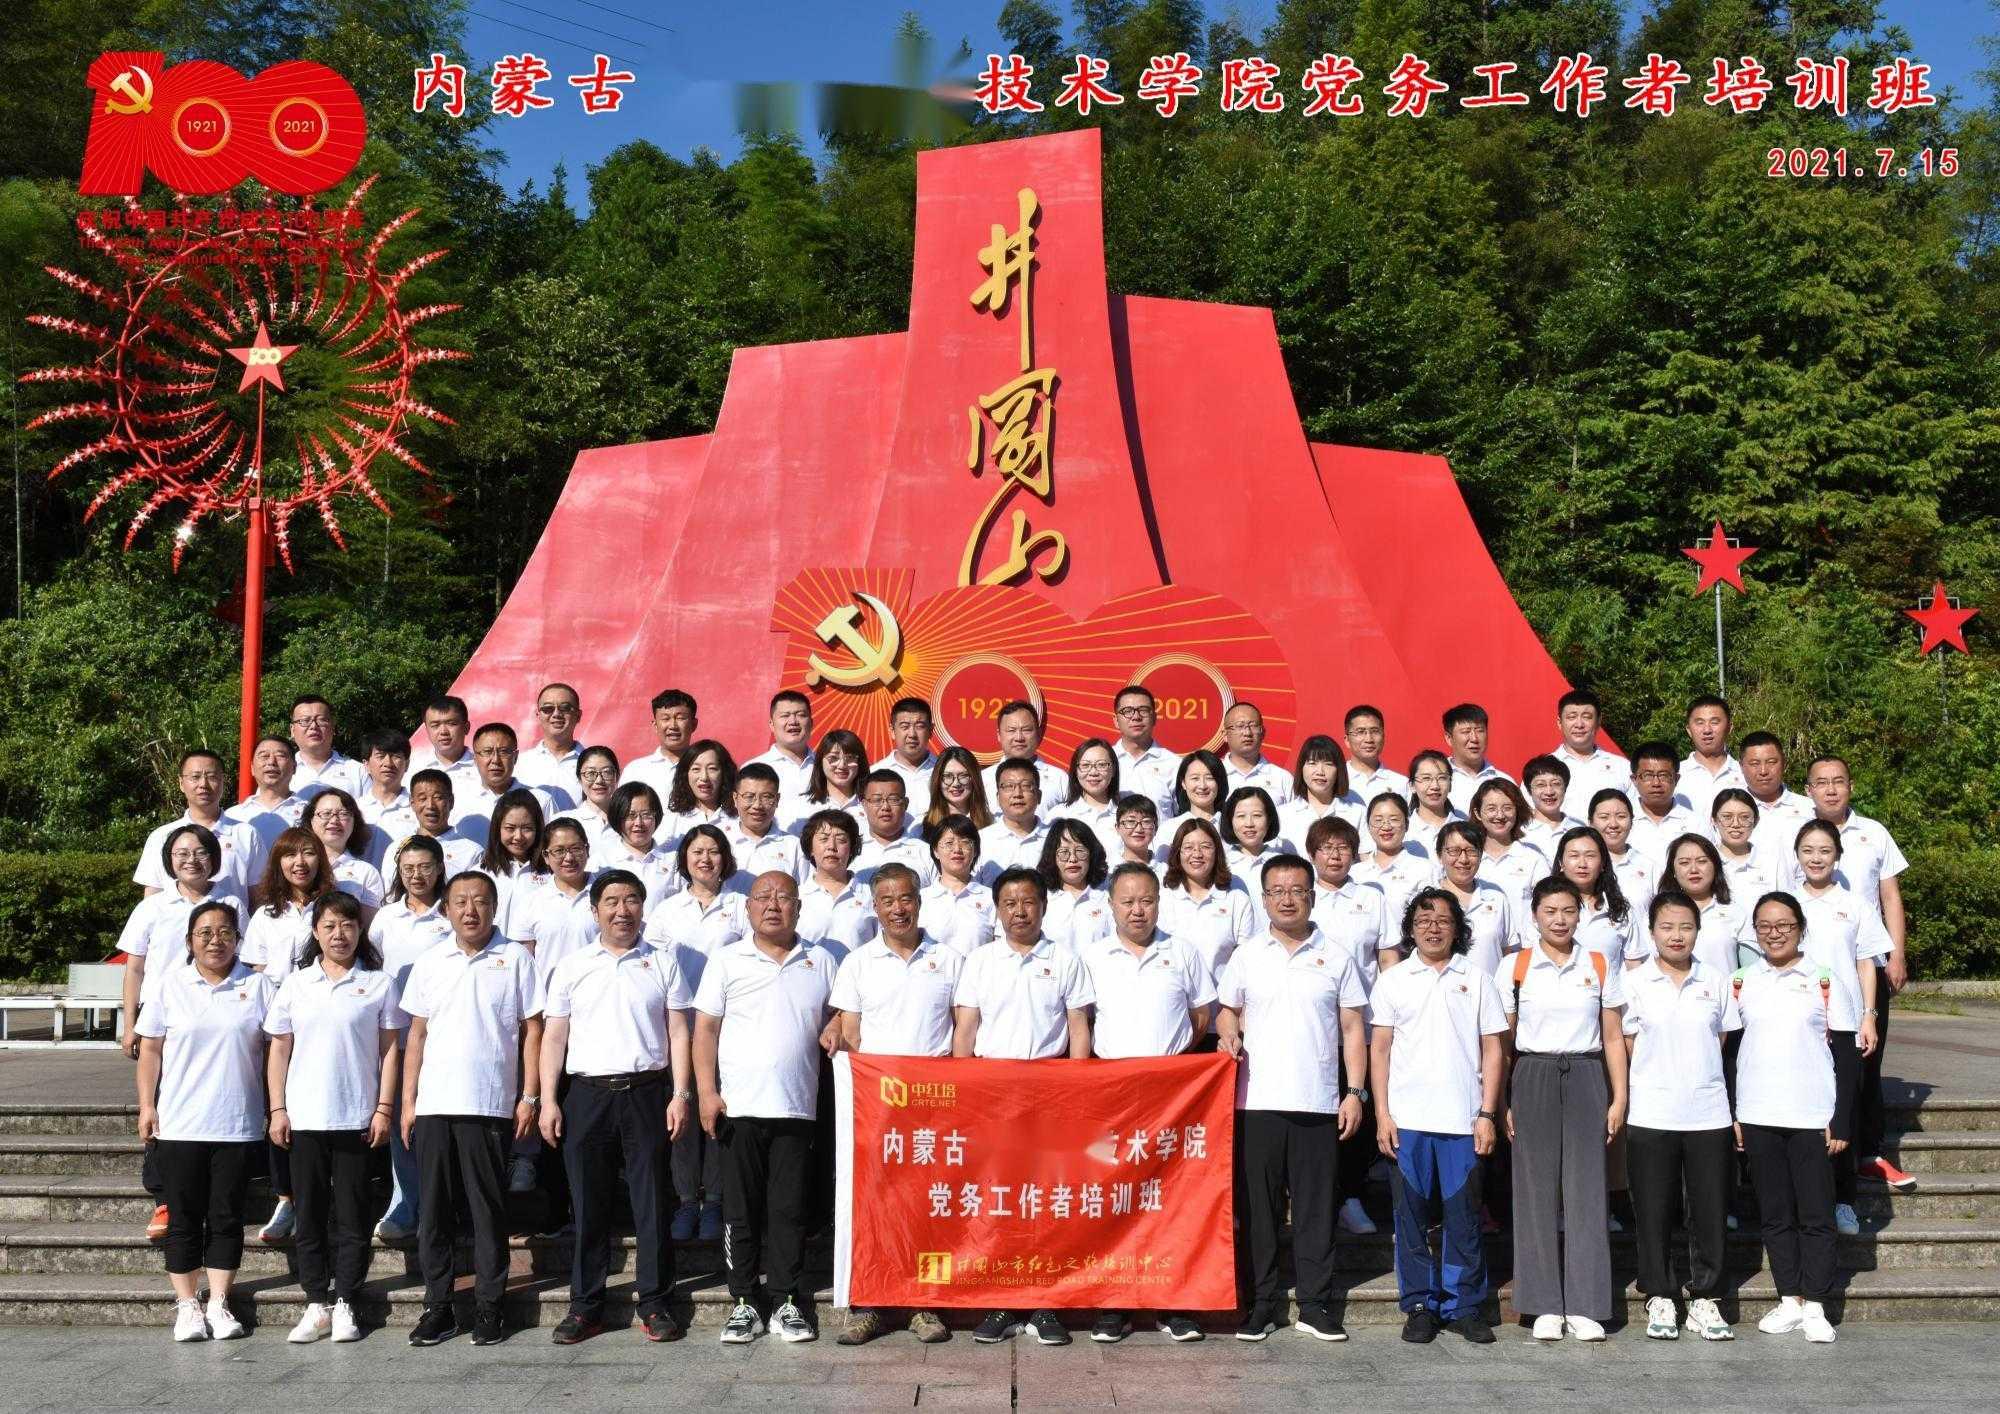 【培训动态】内蒙古某技术学院党务工作者培训班